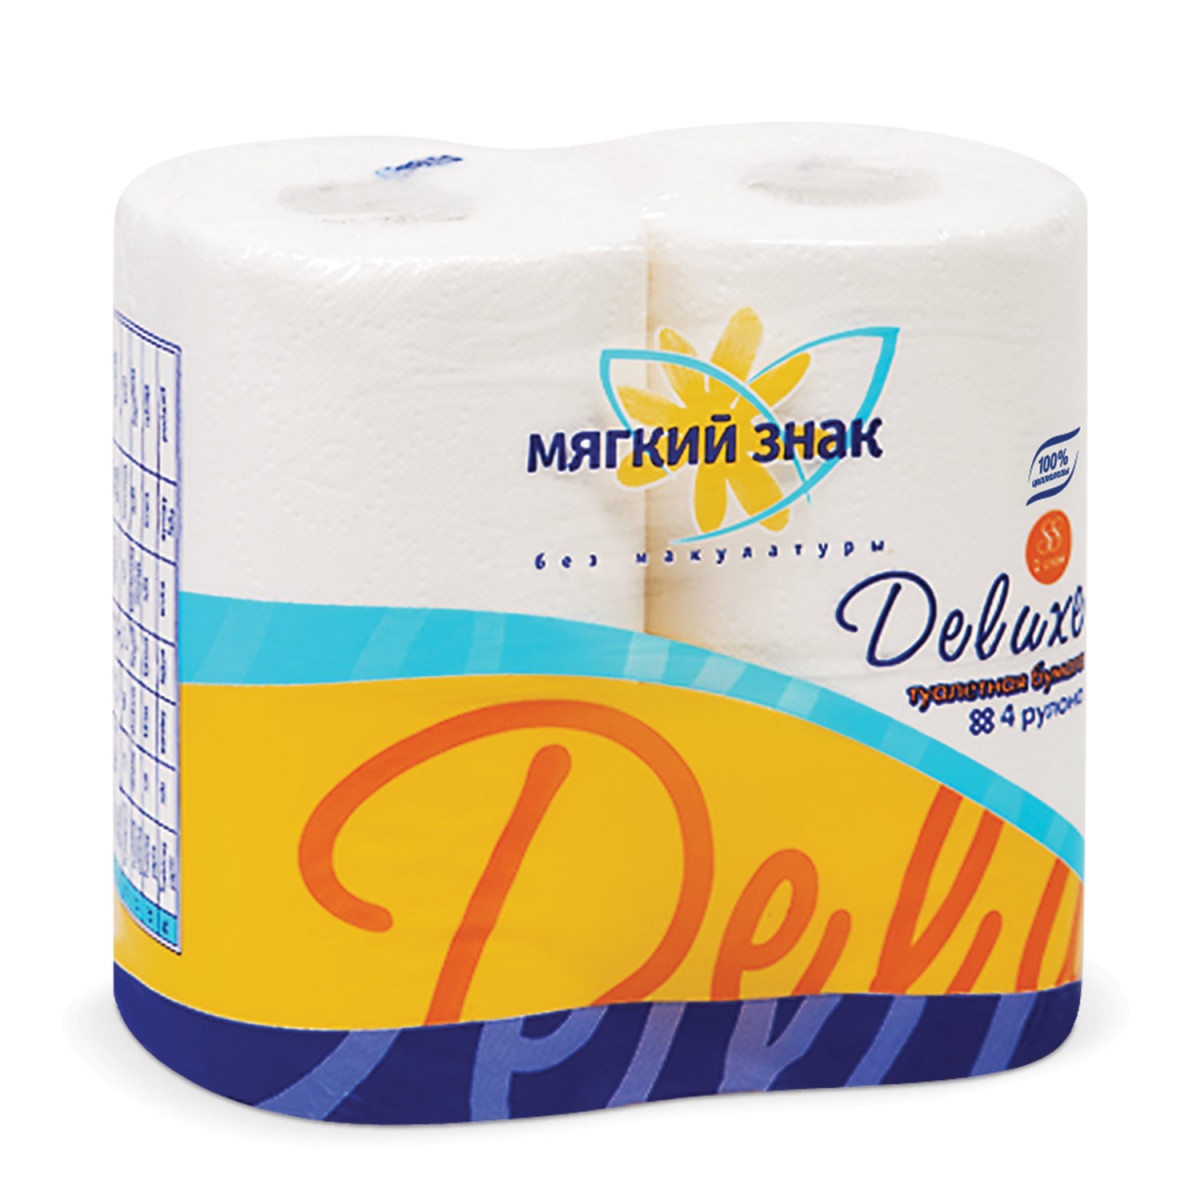 Бумага туалетная бытовая, спайка 4 шт., 2-х слойная (4х20 м), МЯГКИЙ ЗНАК Deluxe, белая, С41 (арт. С41)